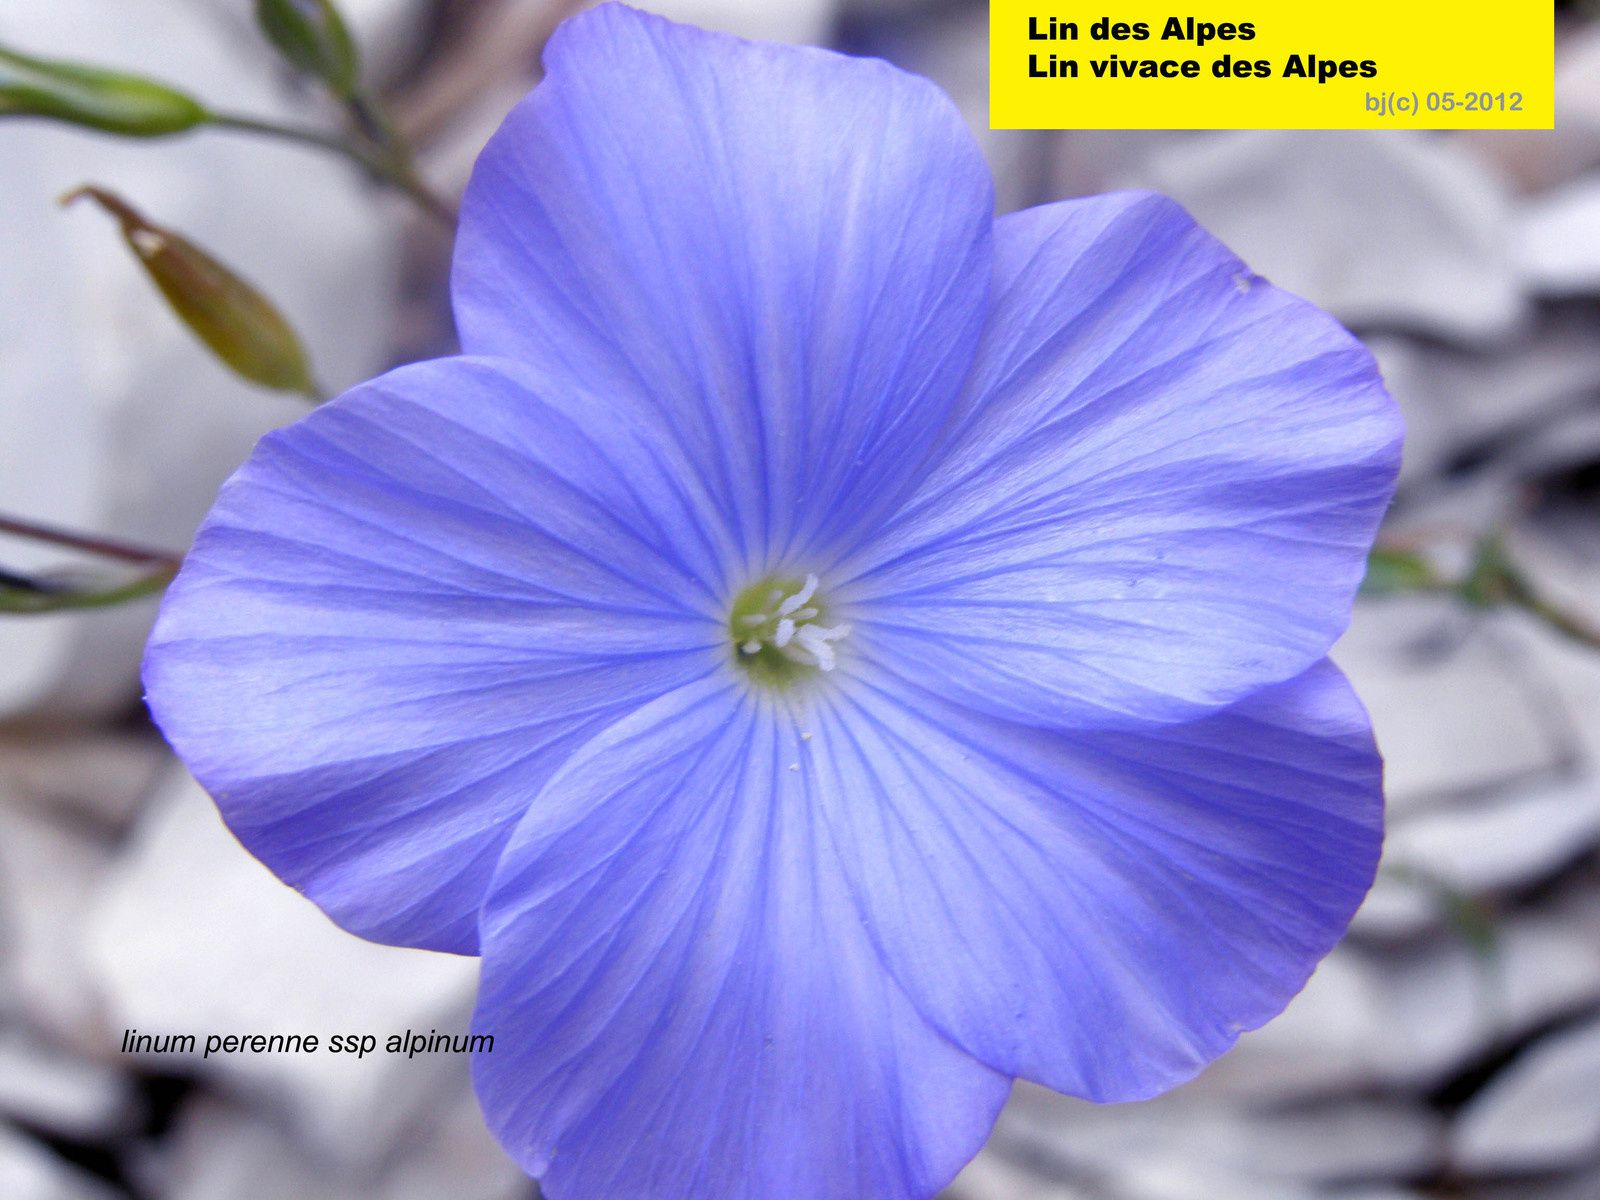 LIN - des -ALPES-ber.dranreb04.overblog.com/